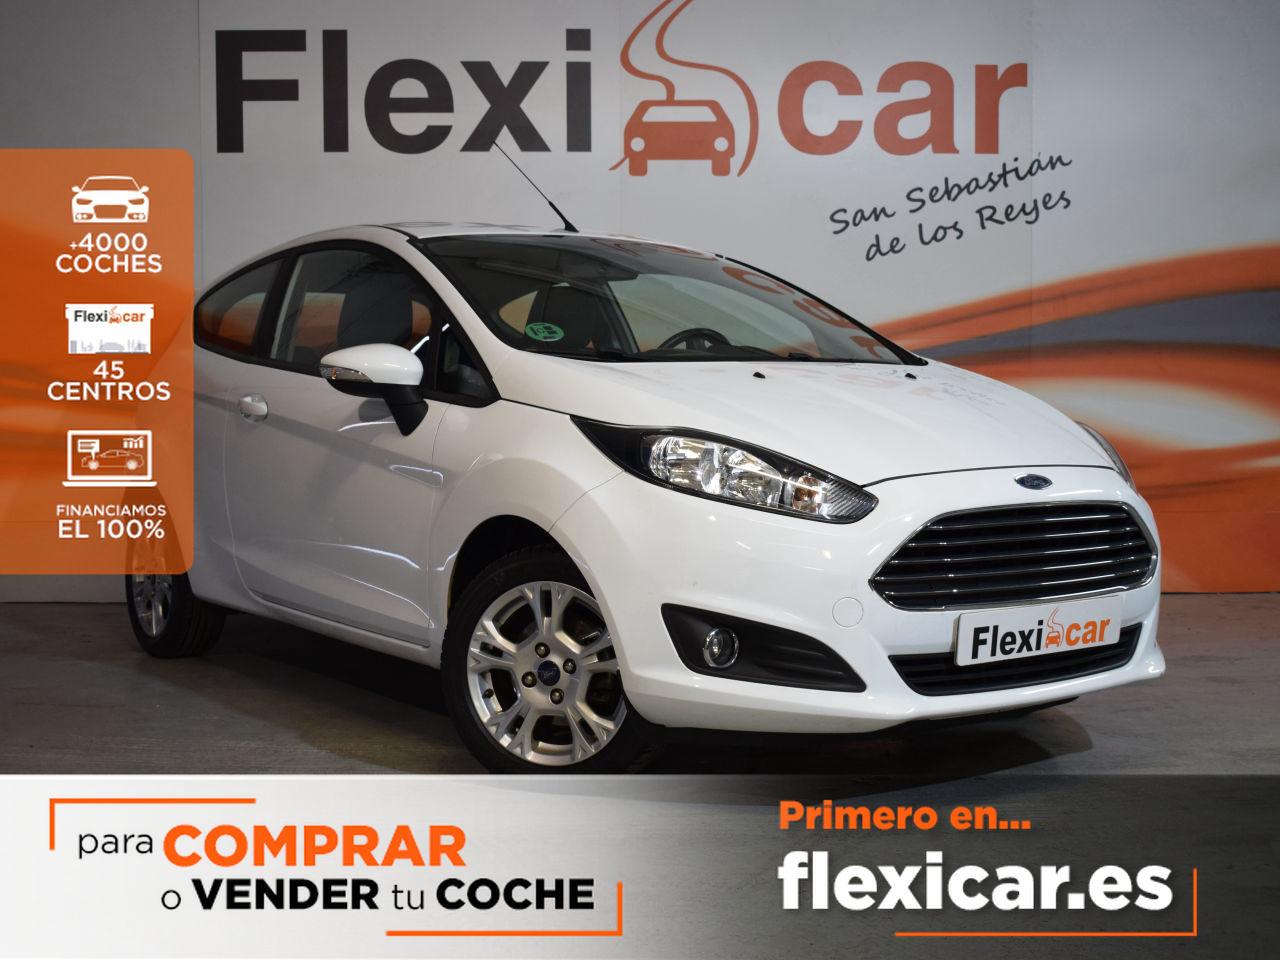 Ford Fiesta ocasión segunda mano 2014 Gasolina por 8.990€ en Madrid